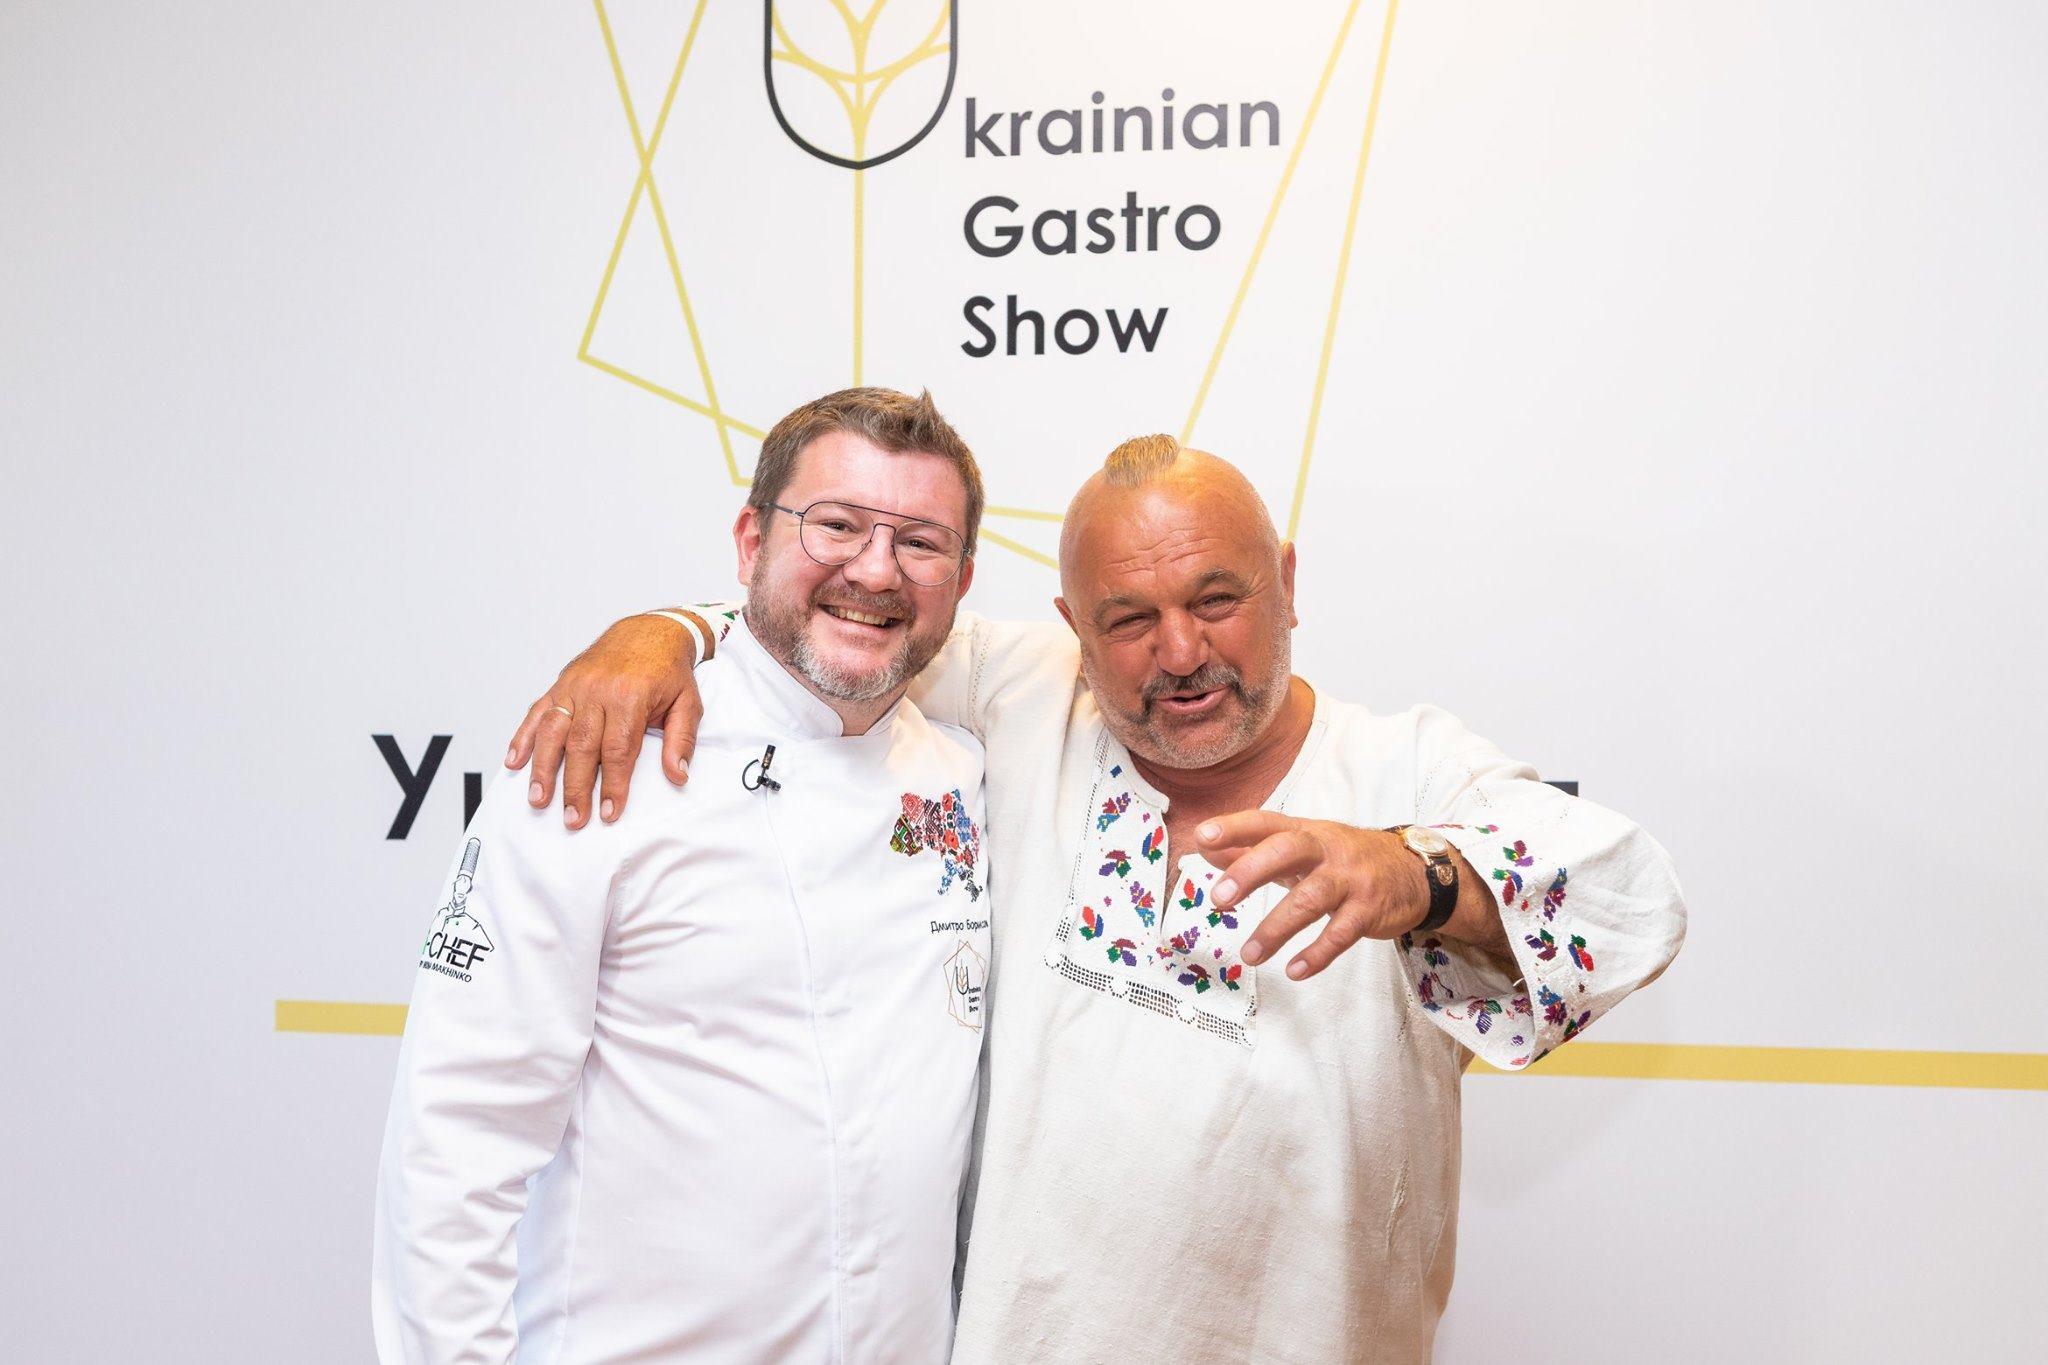 Українська кухня майбутнього: Дмитро Борисов на Ukrainian Gastro Show 2019 (ВІДЕО)